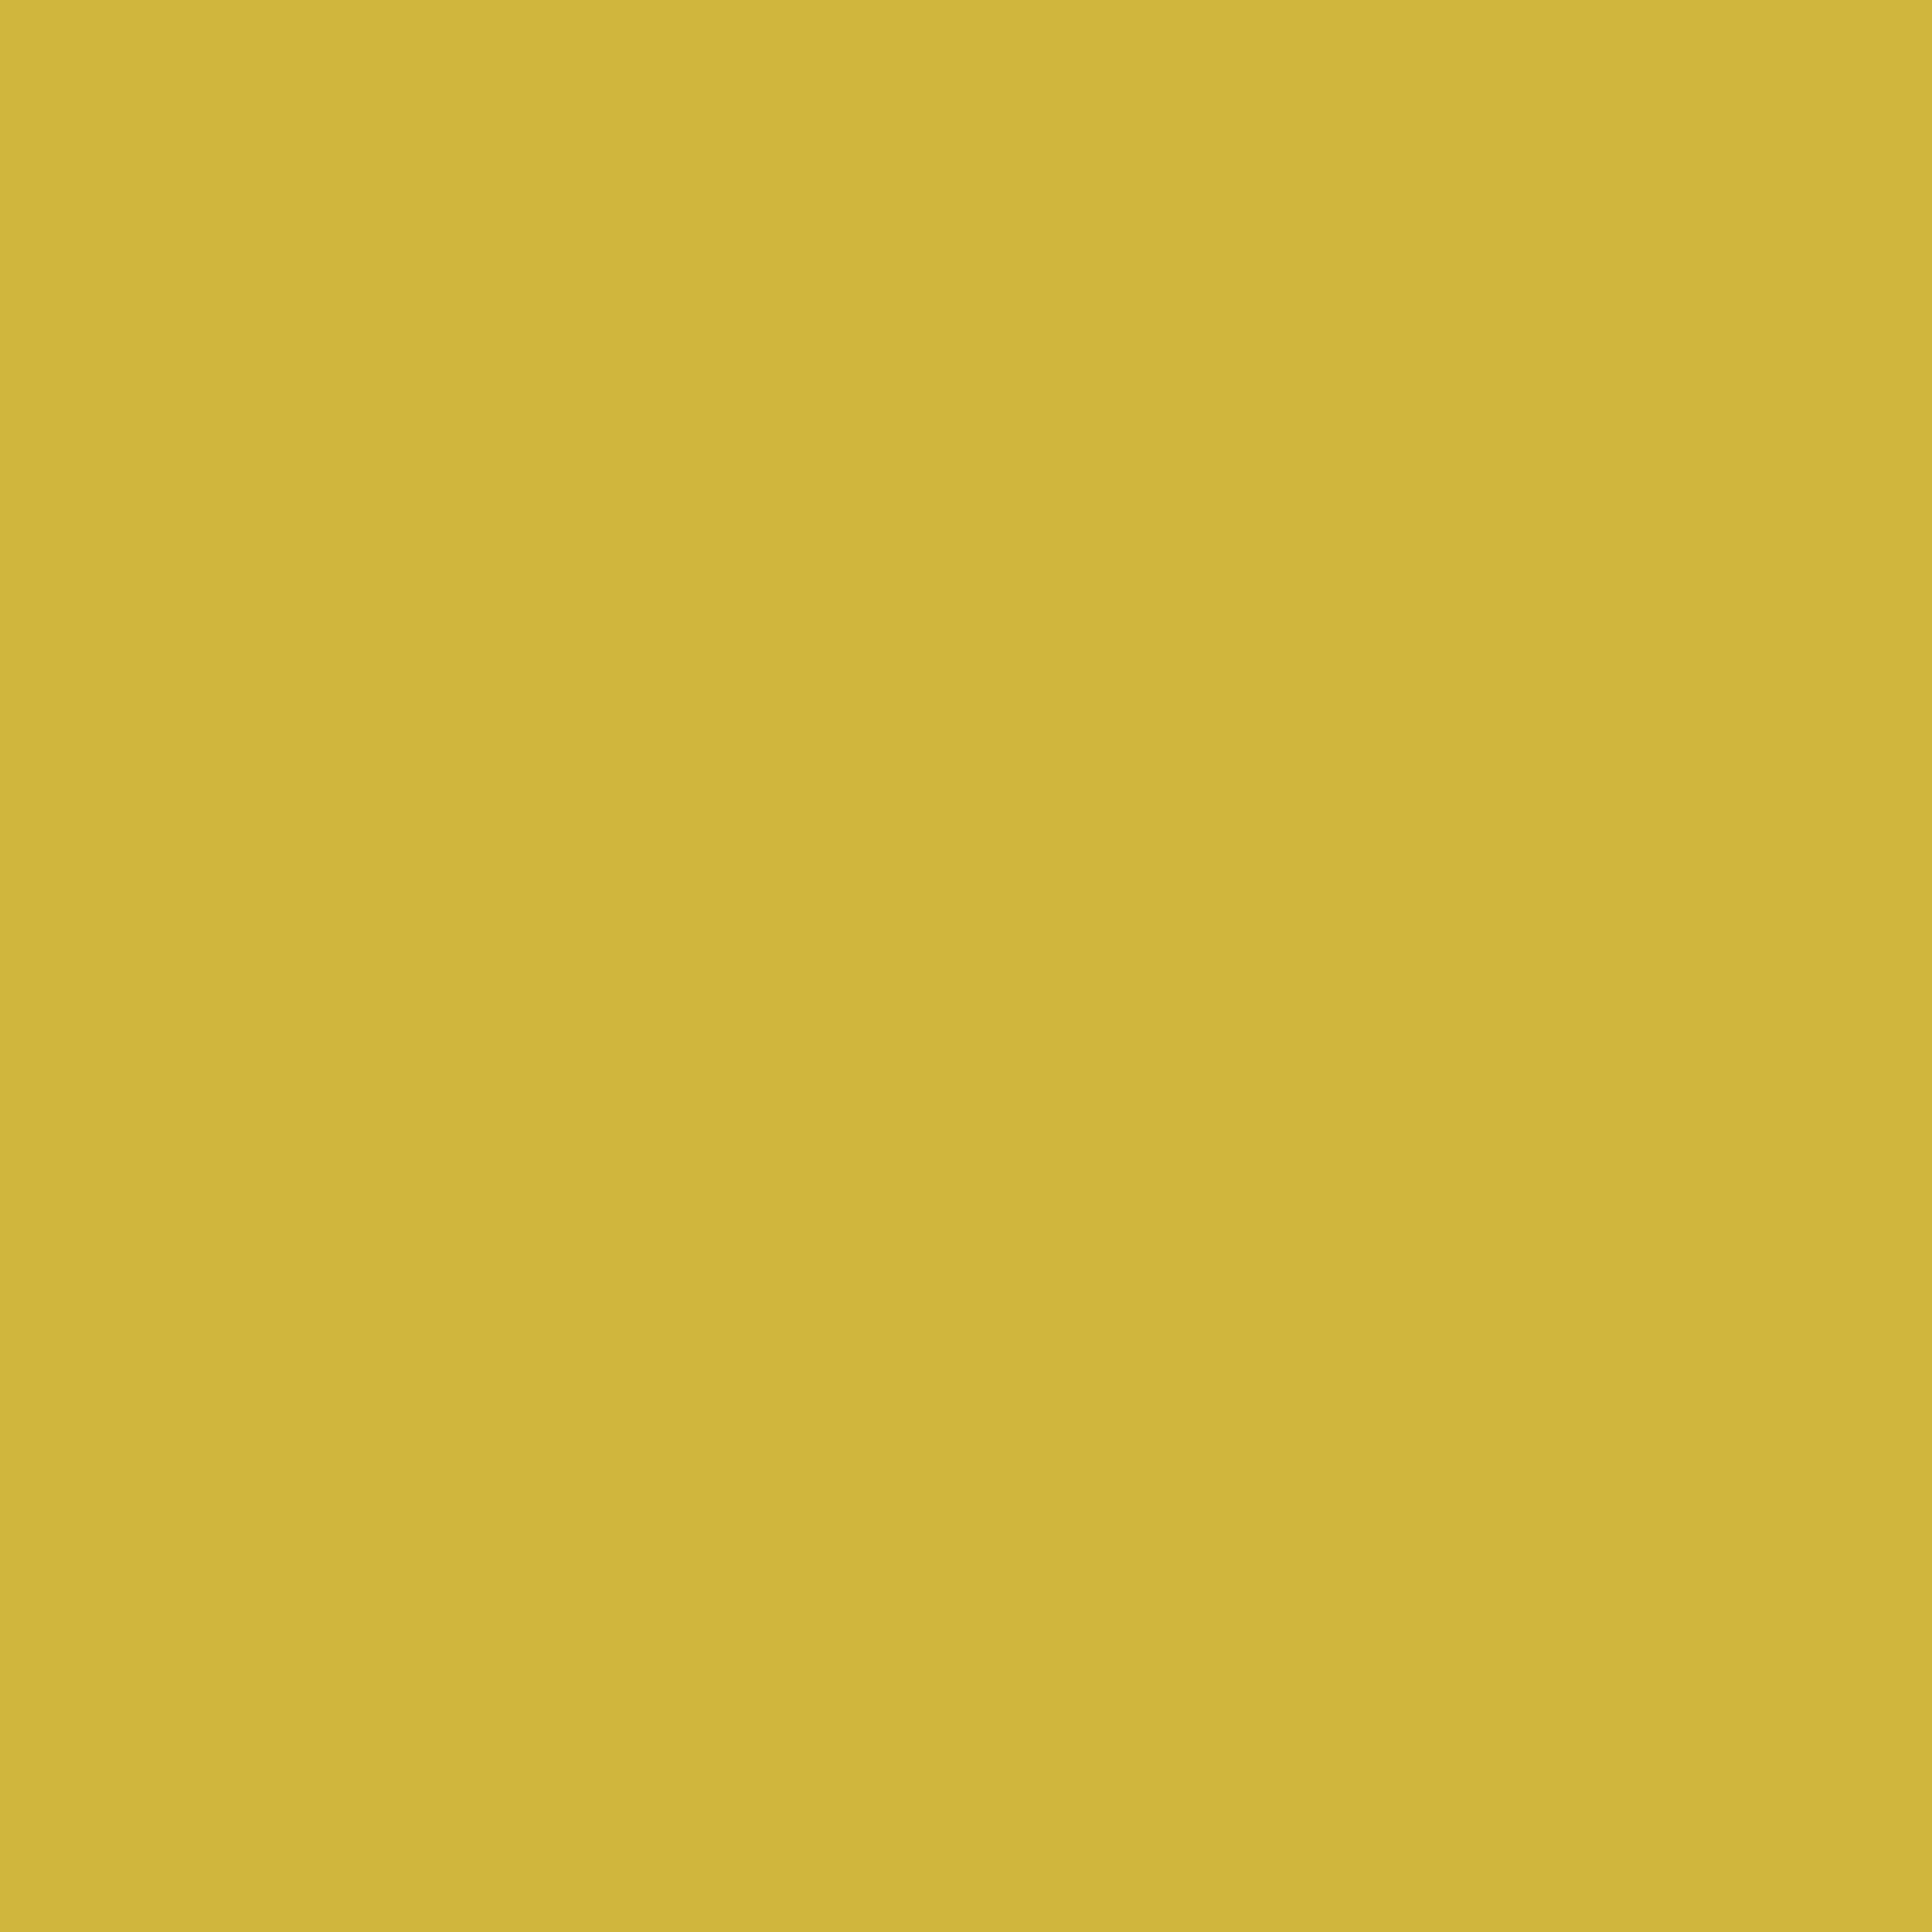 Image Result For Download Background Color